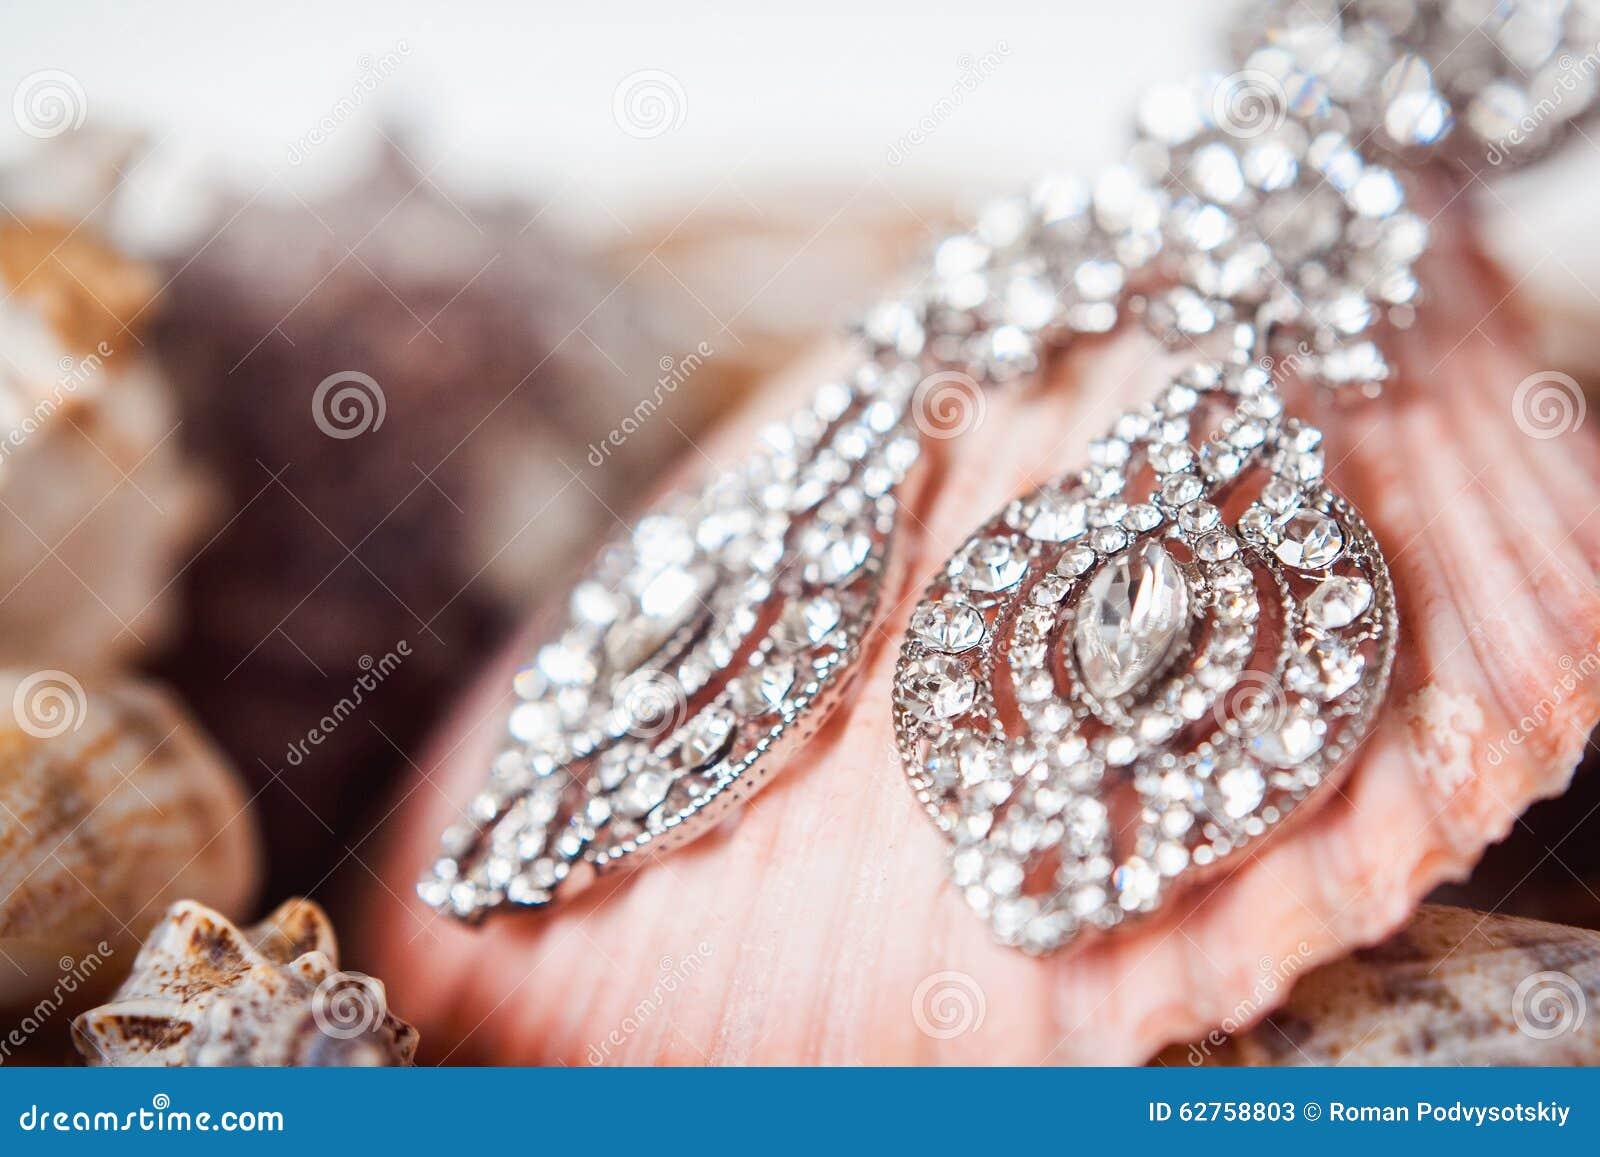 De mooie versiering van het huwelijk stock foto afbeelding 62758803 - Versiering van de zaal van het tienermeisje van ...